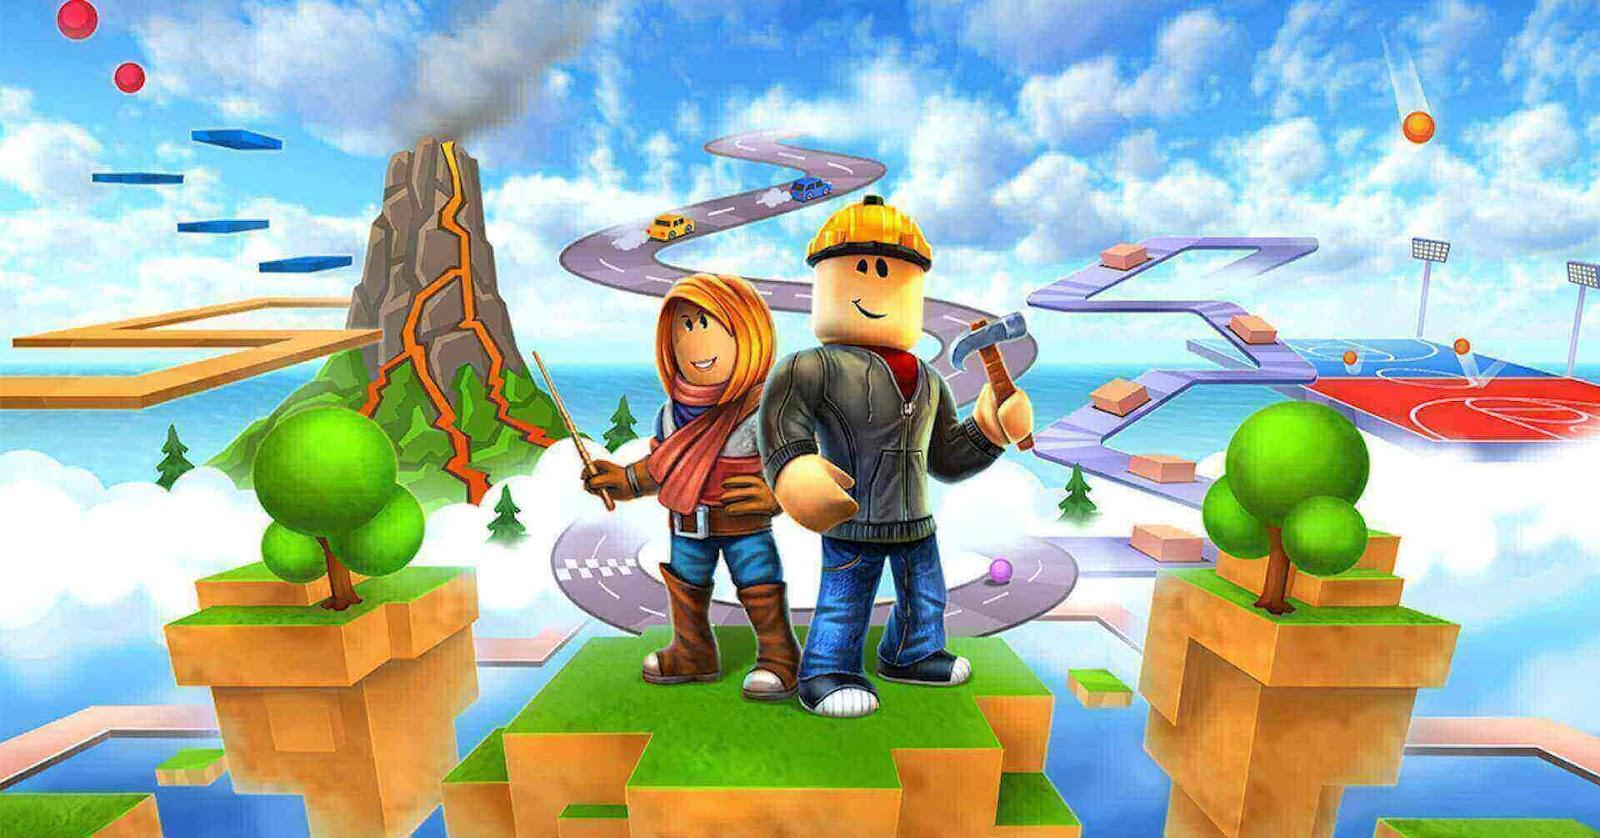 ملخص عن ROBLOX ما هو ؟ مثيرة للاهتمام للغاية مع المغامرات والاكتشاف والألعاب البناءة مثل Minecraft